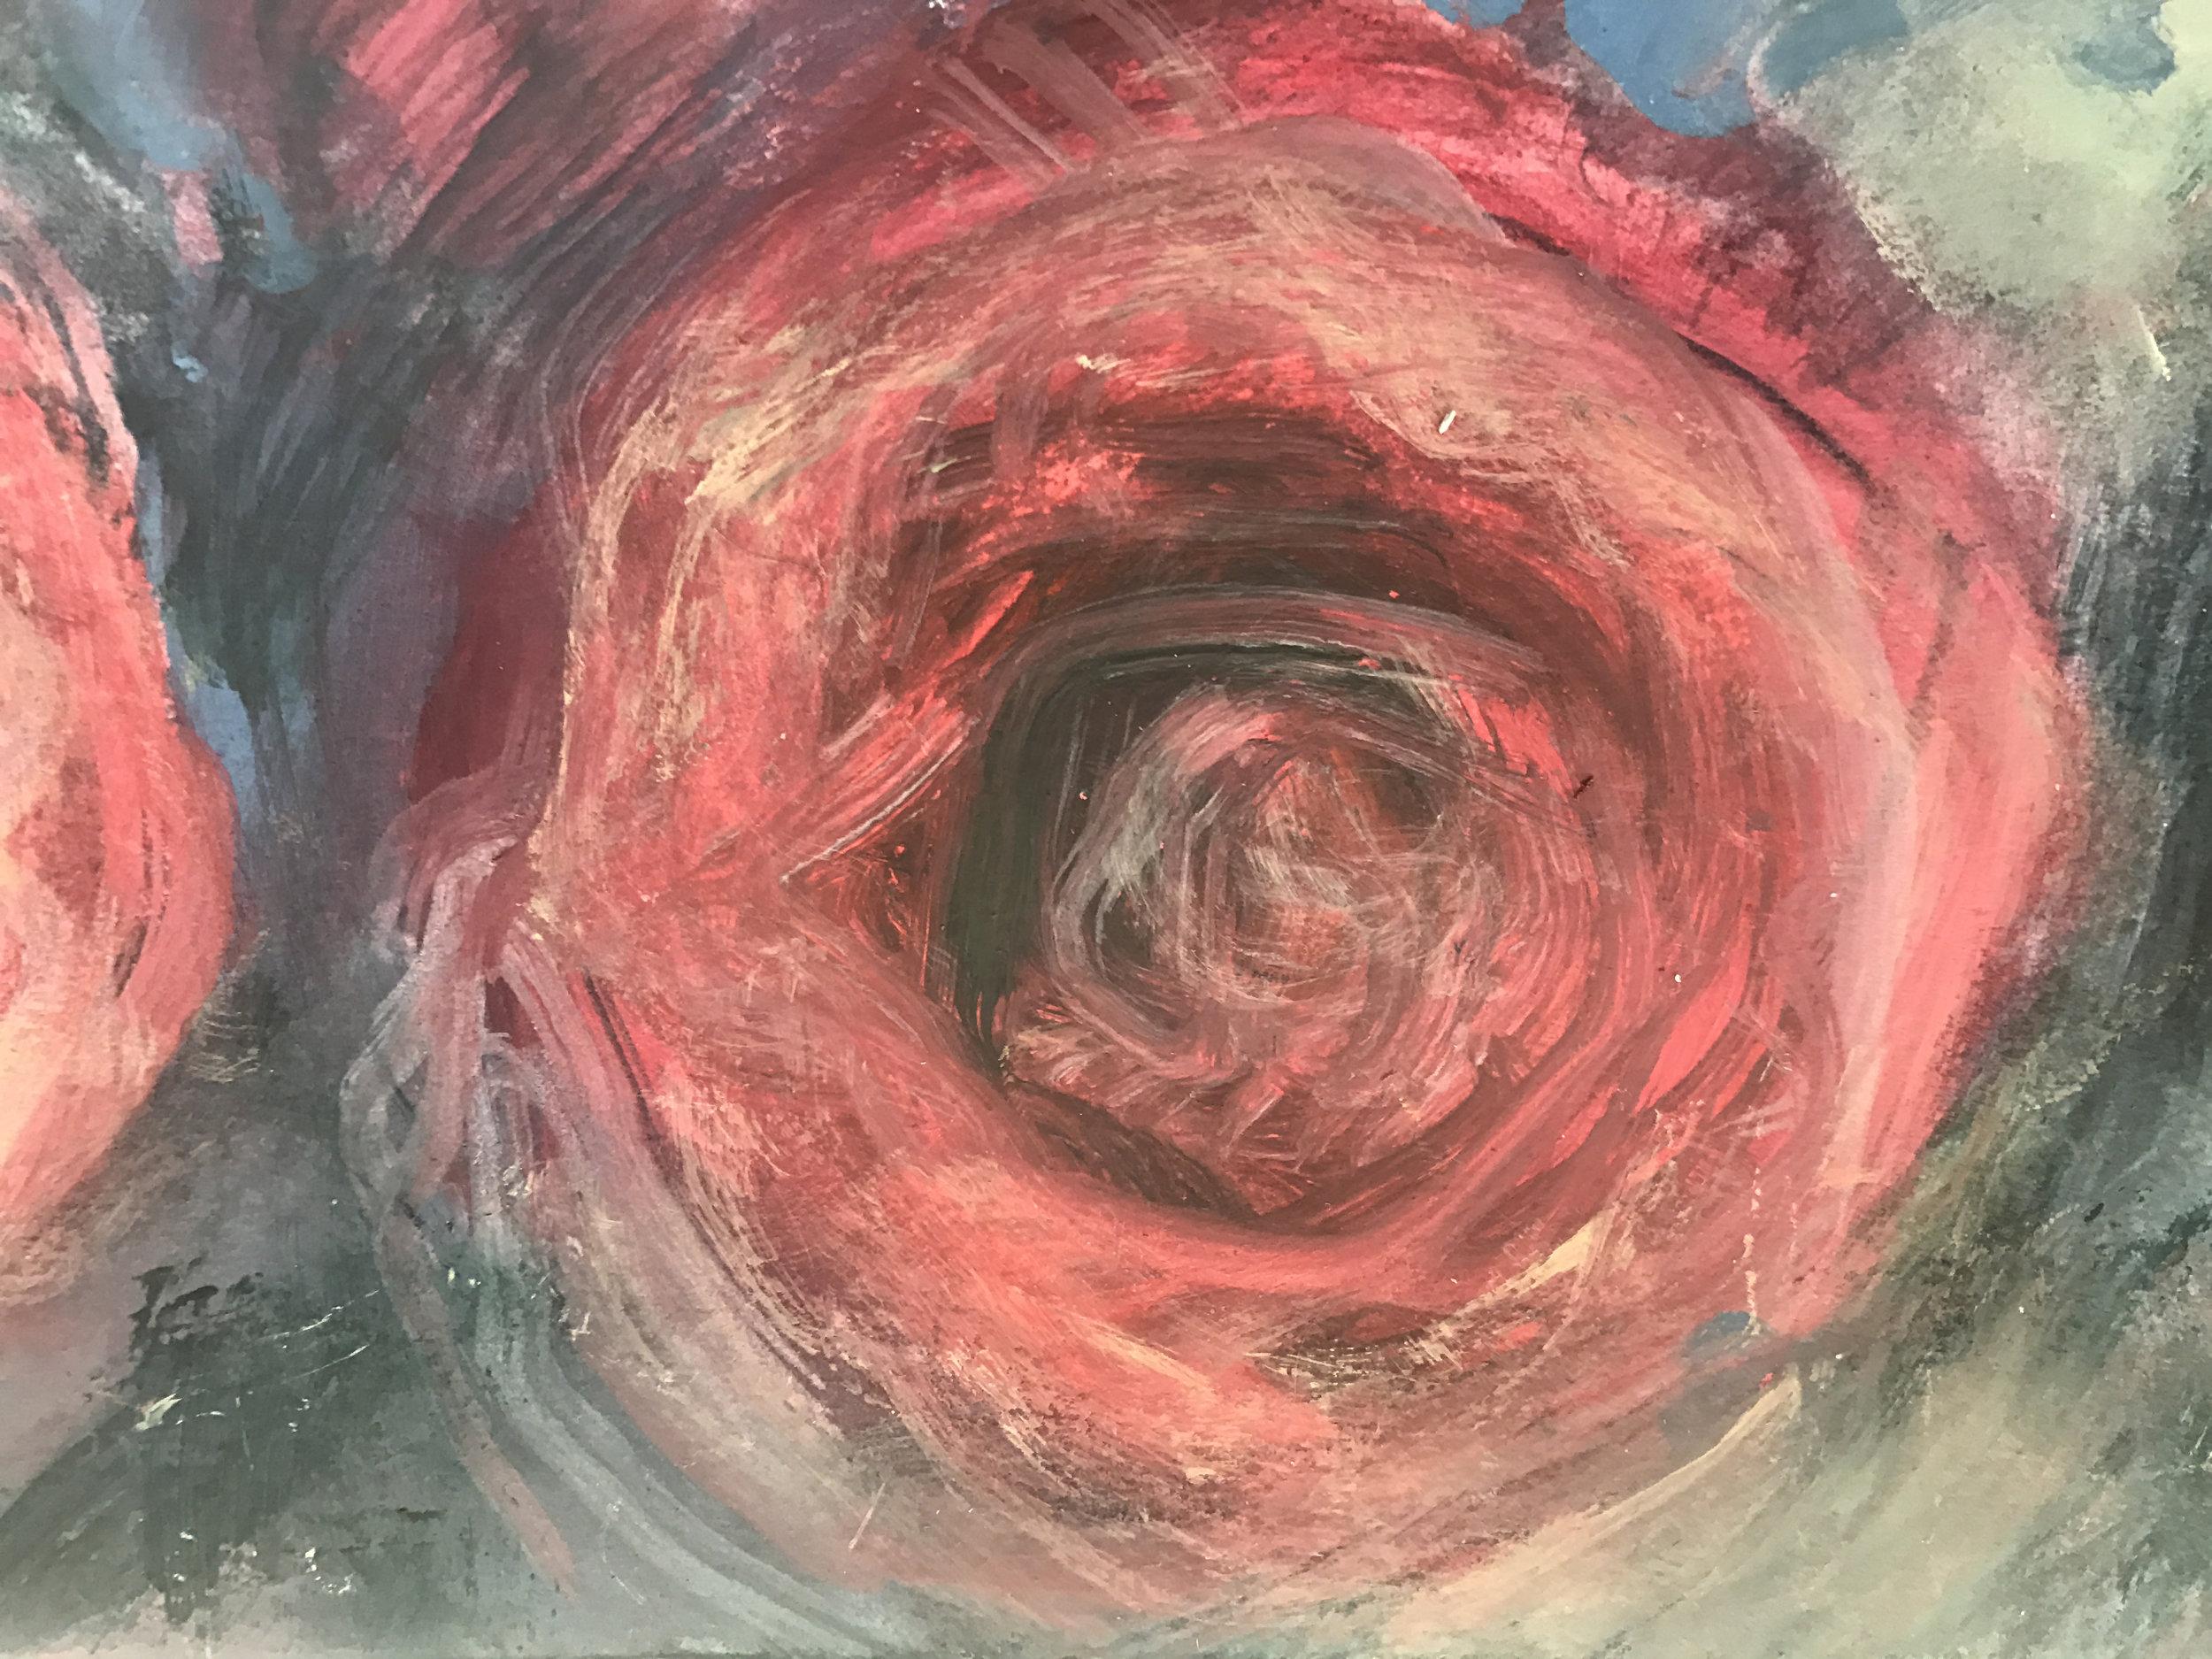 Painted rose 3.jpg